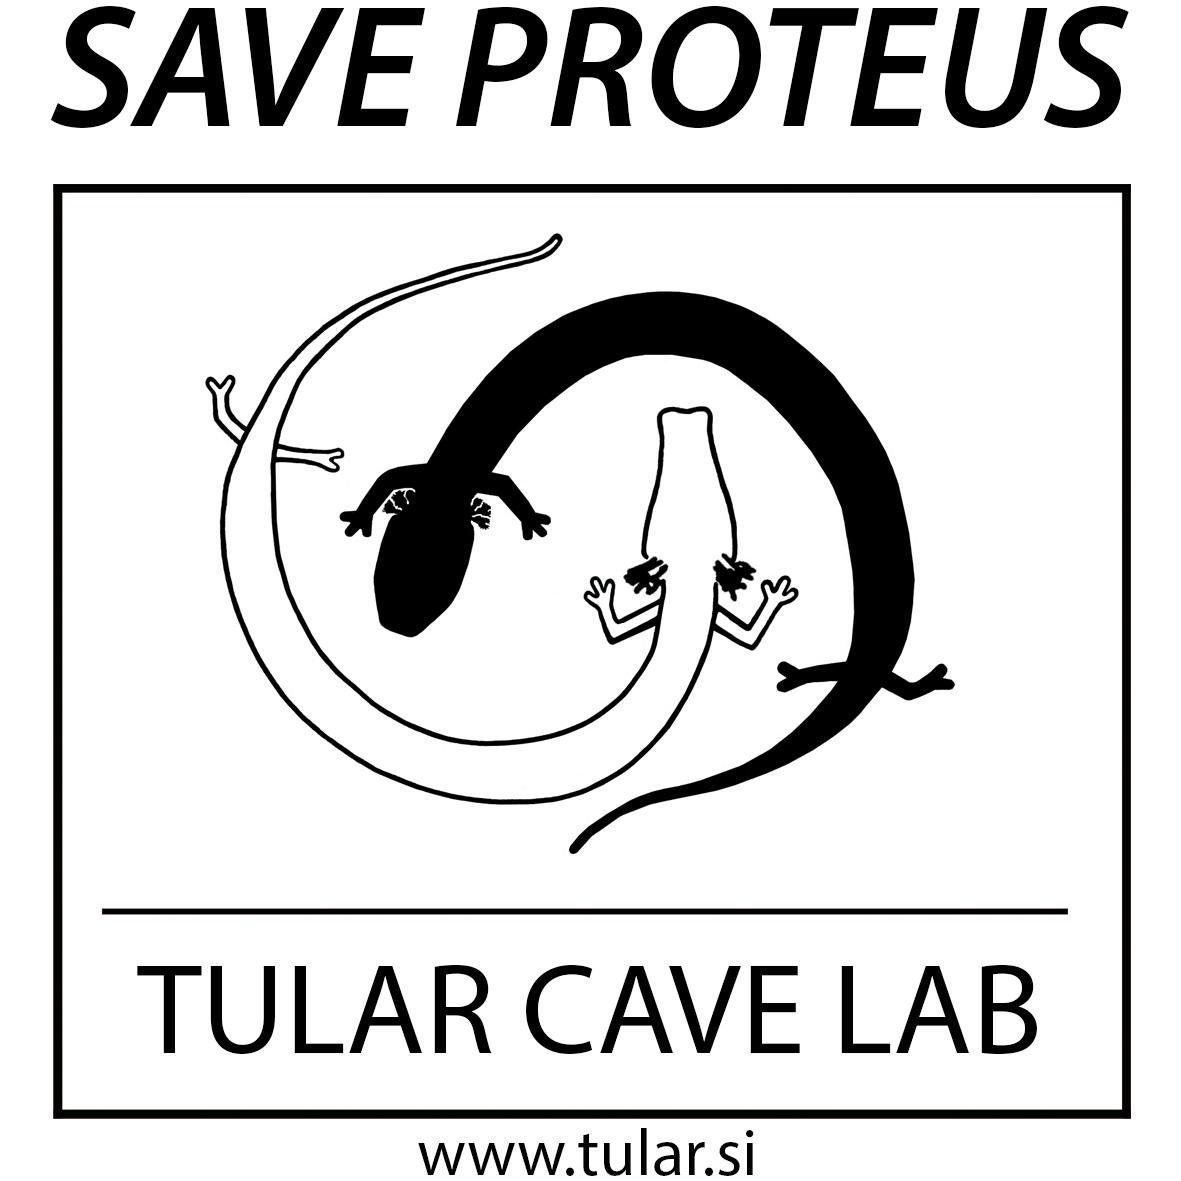 Tulare Cave Lab